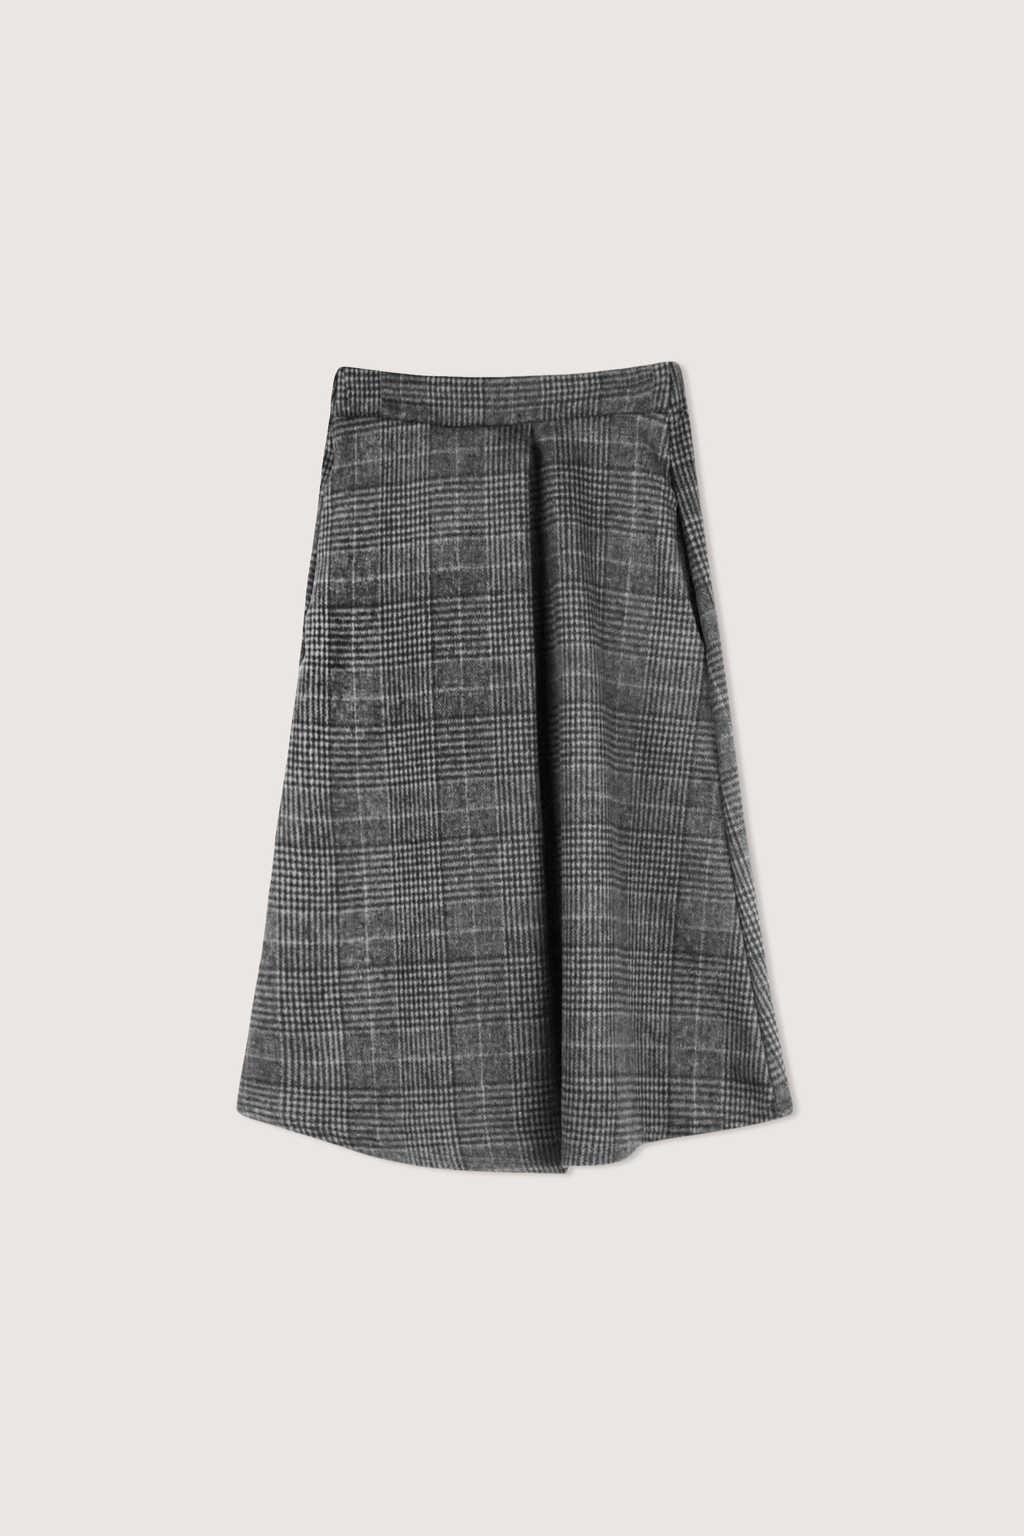 Skirt H177 Black 5